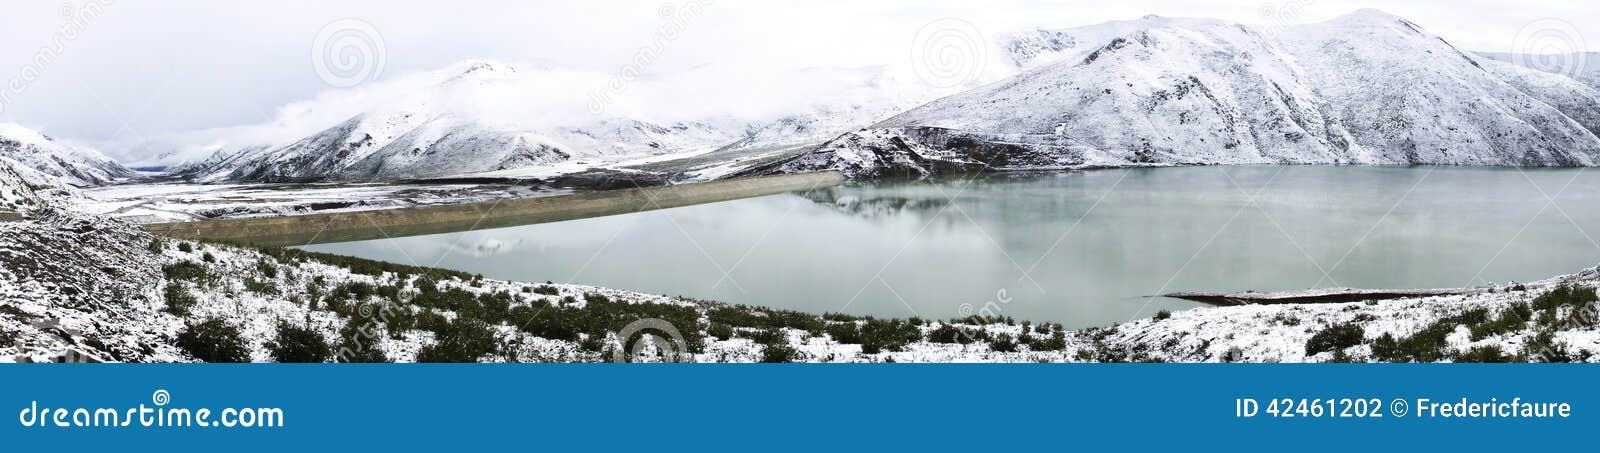 Panorama, See und Schnee in Amdo